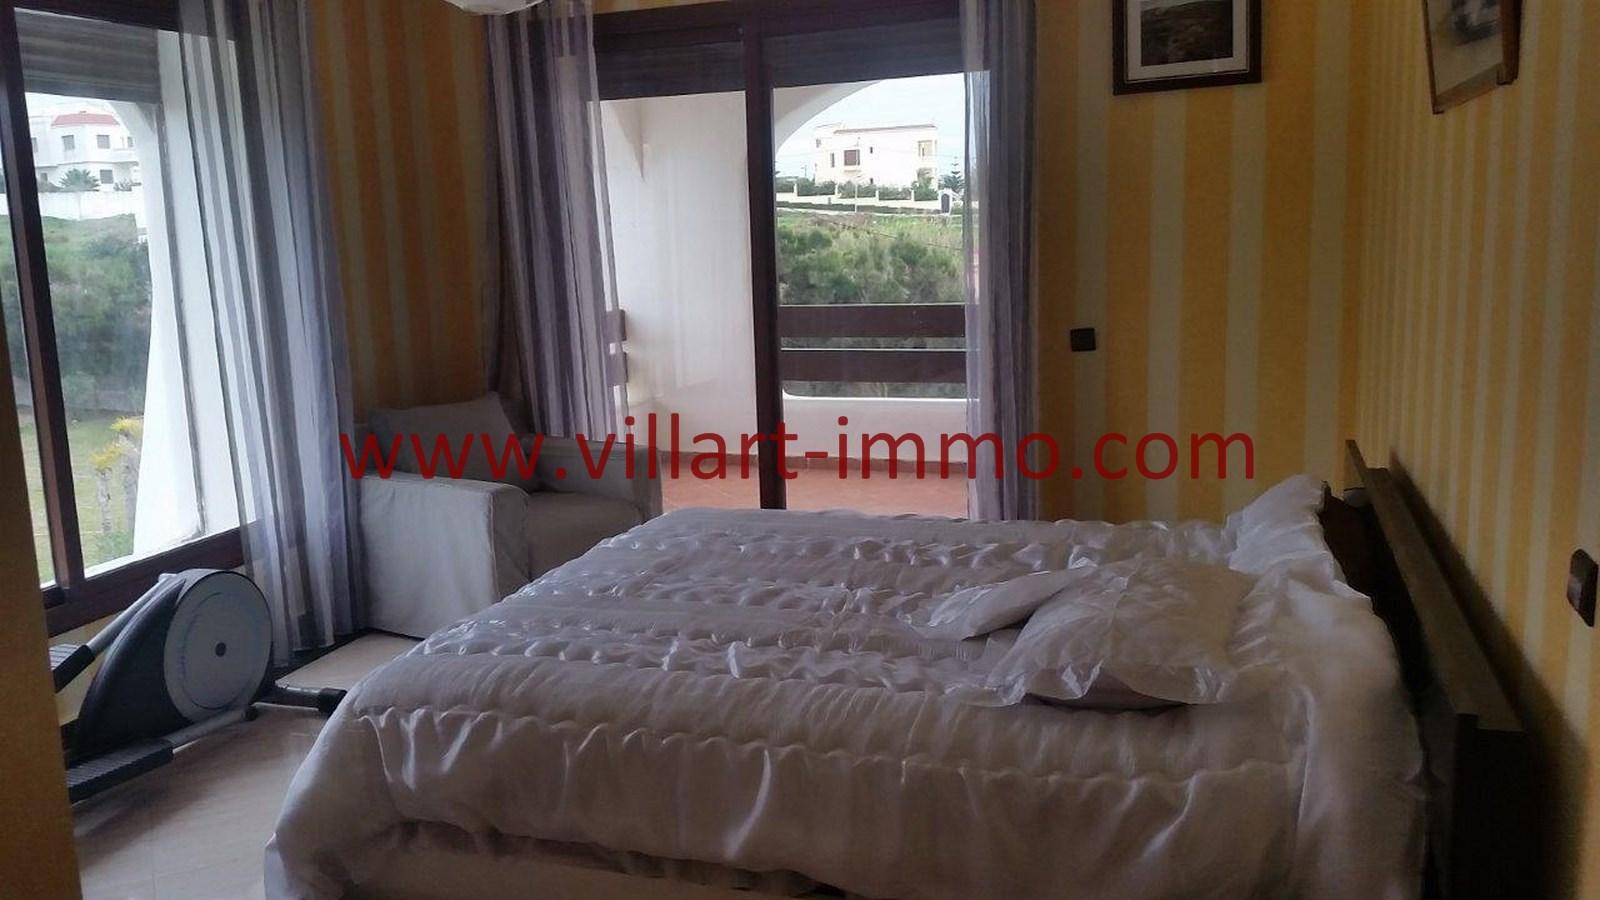 11-A louer-Villa-Meublée-Tanger-Achakar-Chambre 2-LSAT914-Villart immo